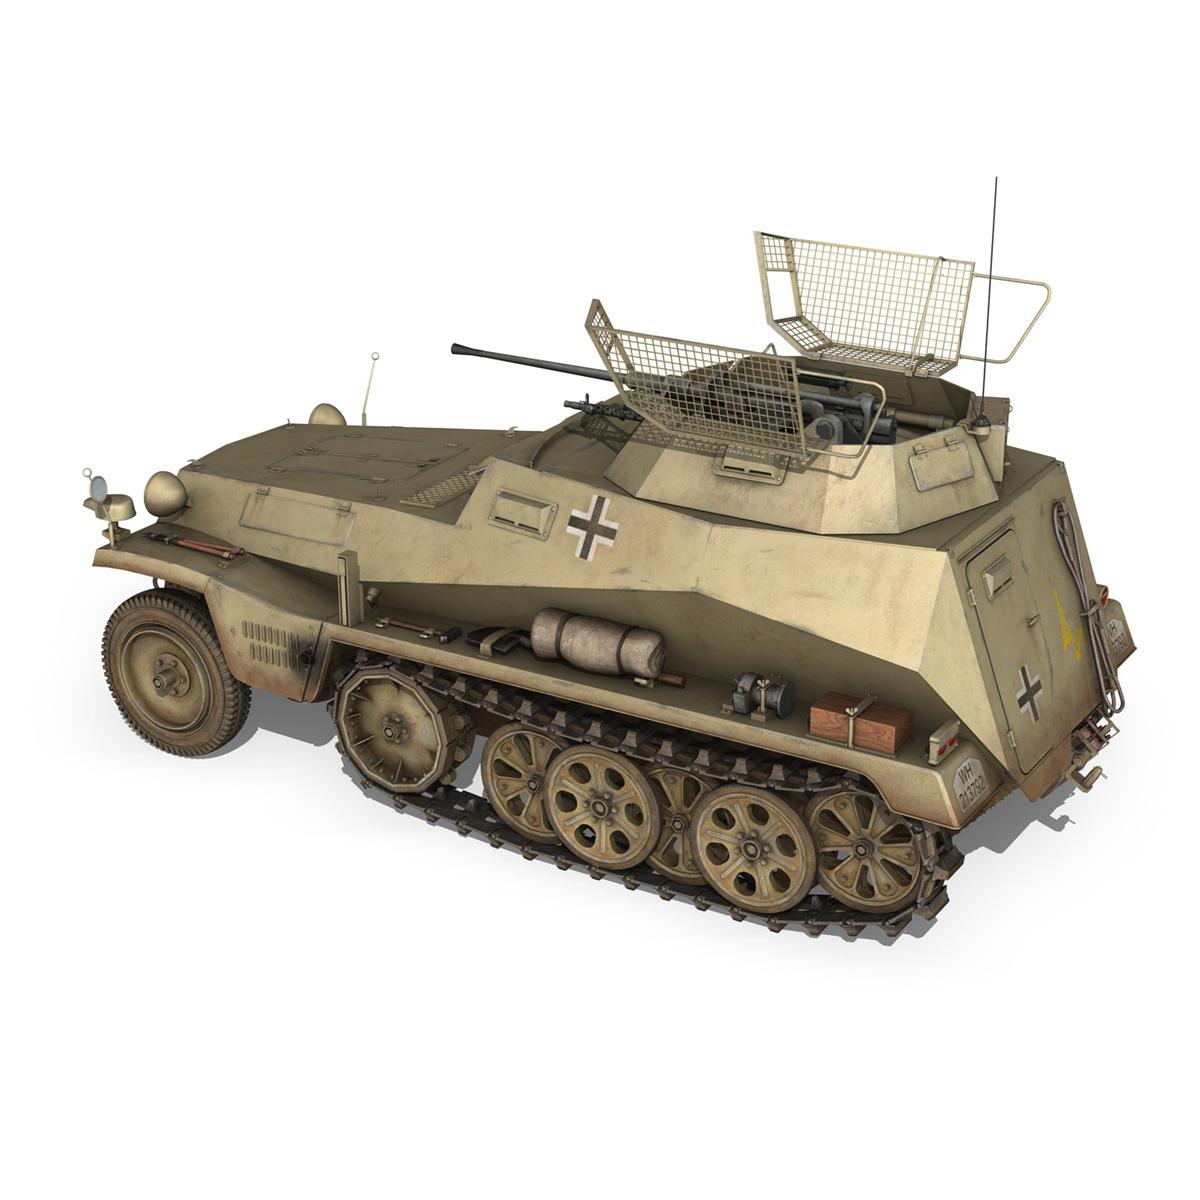 SD.KFZ 250 - Reconnaissance Halftruck - 23 PzDiv 3d model 3ds fbx c4d lwo lws lw obj 273094